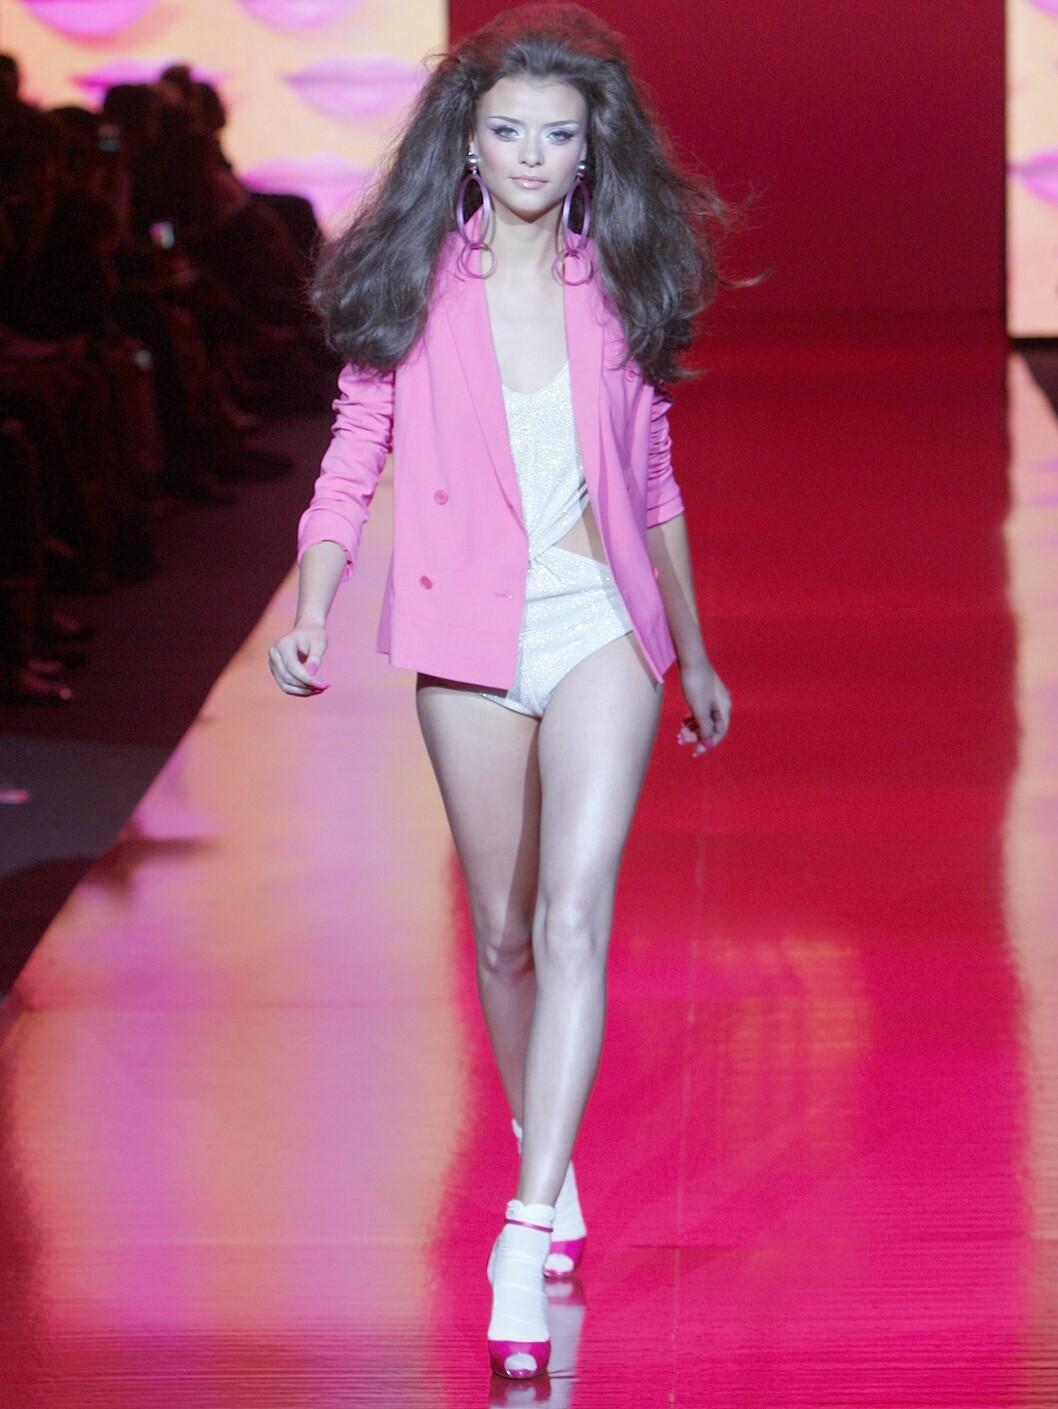 Hvite sokker i sjokkrosa sko på Barbie fashion show under moteuken i New York.   Foto: All Over Press